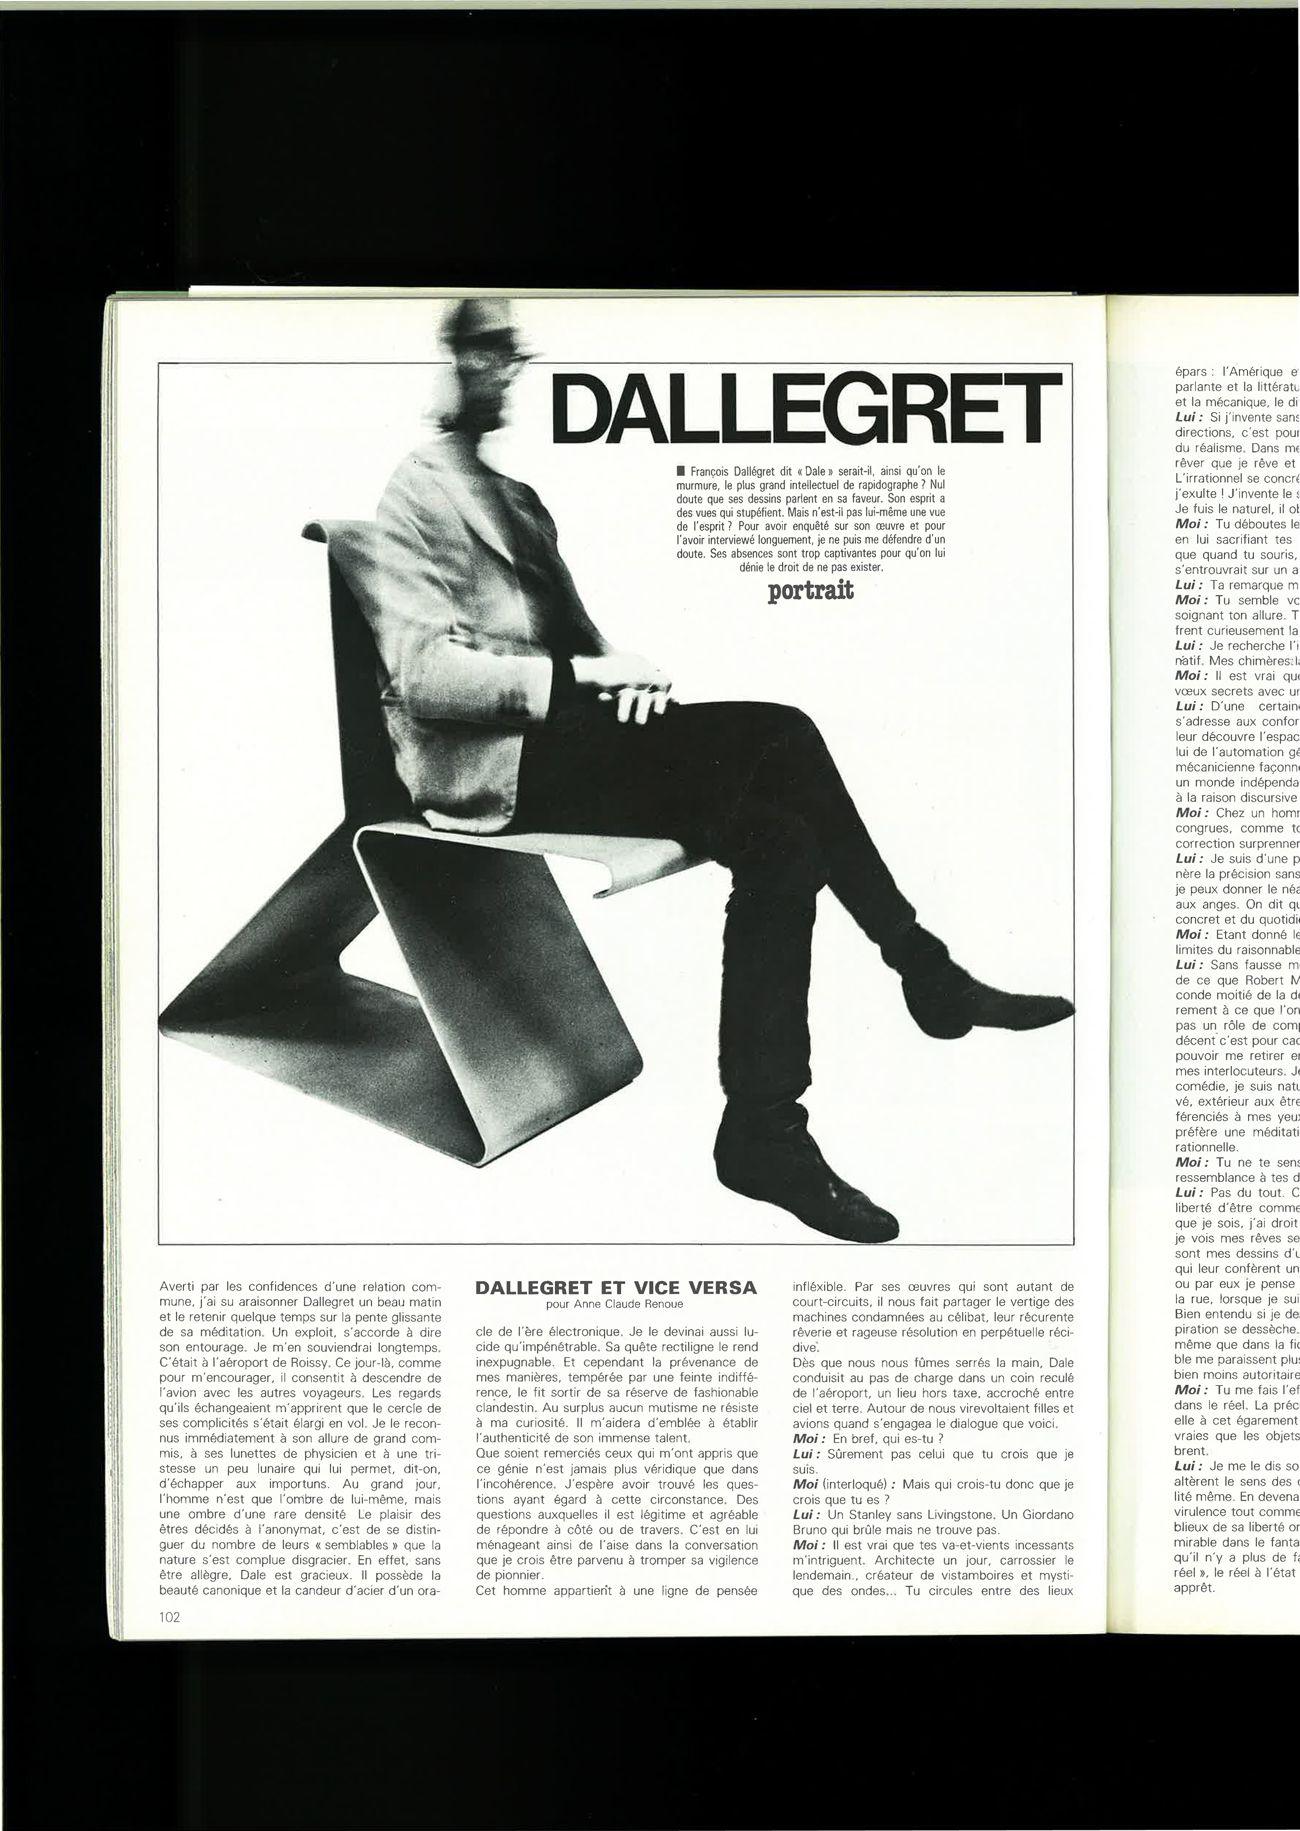 Dallegret, 32 ans auparavant